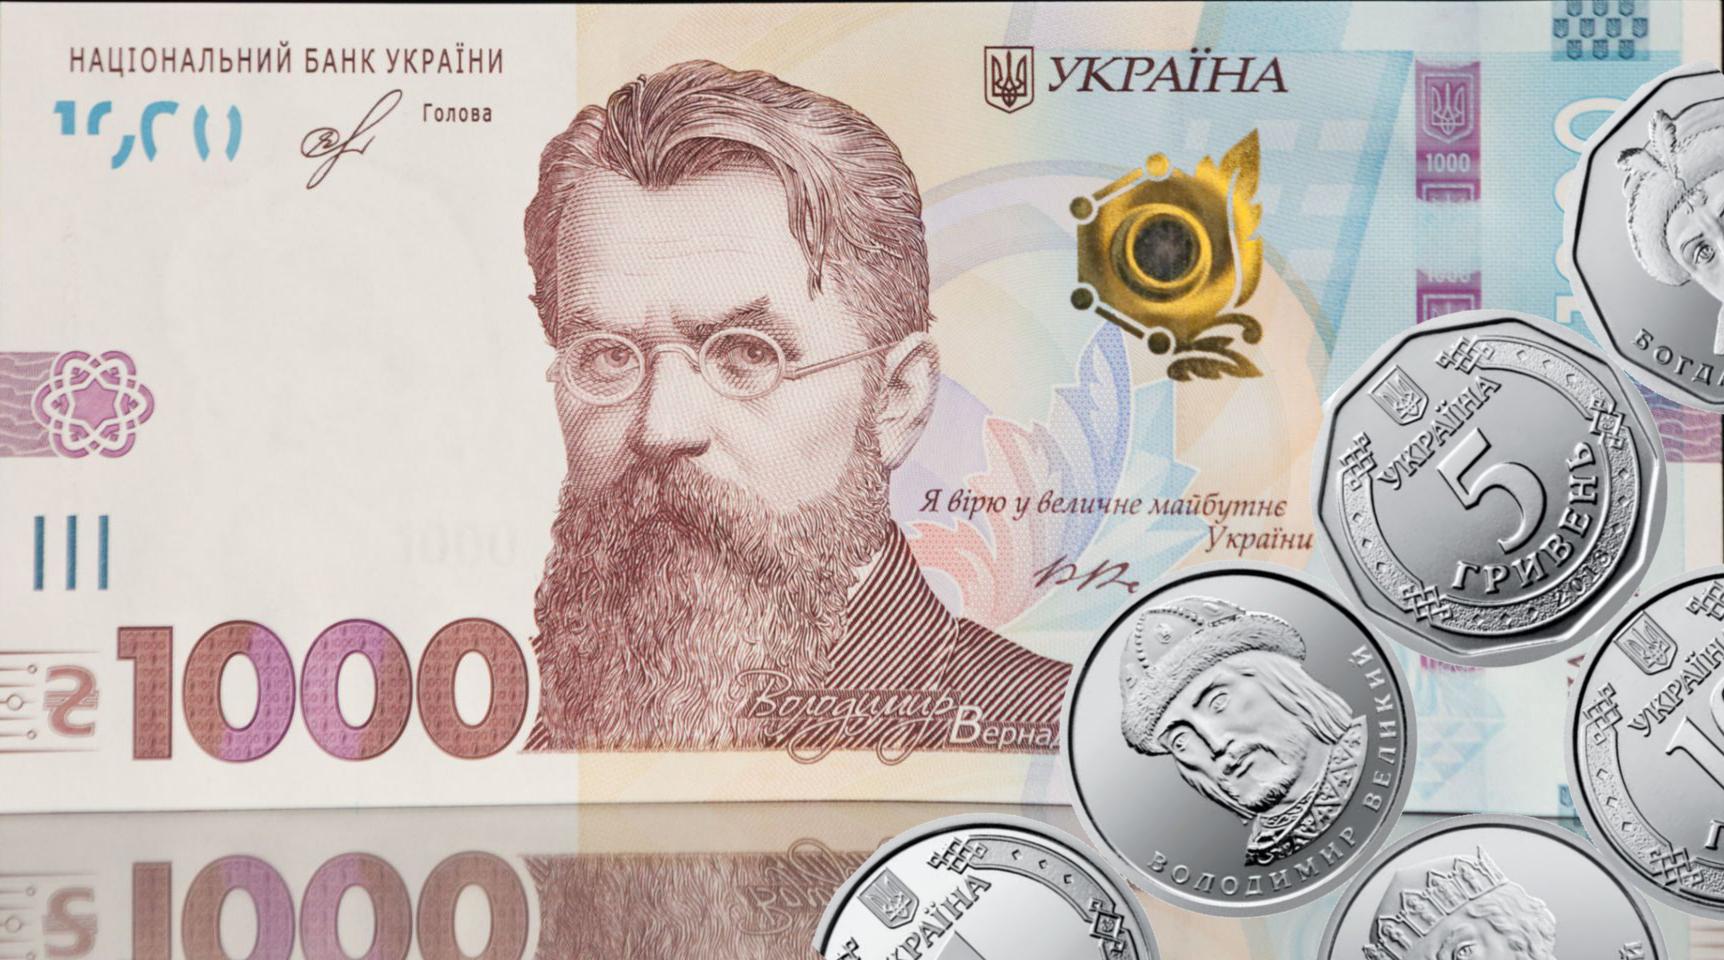 🔺 В Україні вперше за 5 років виріс ВНД (валовий національний дохід)